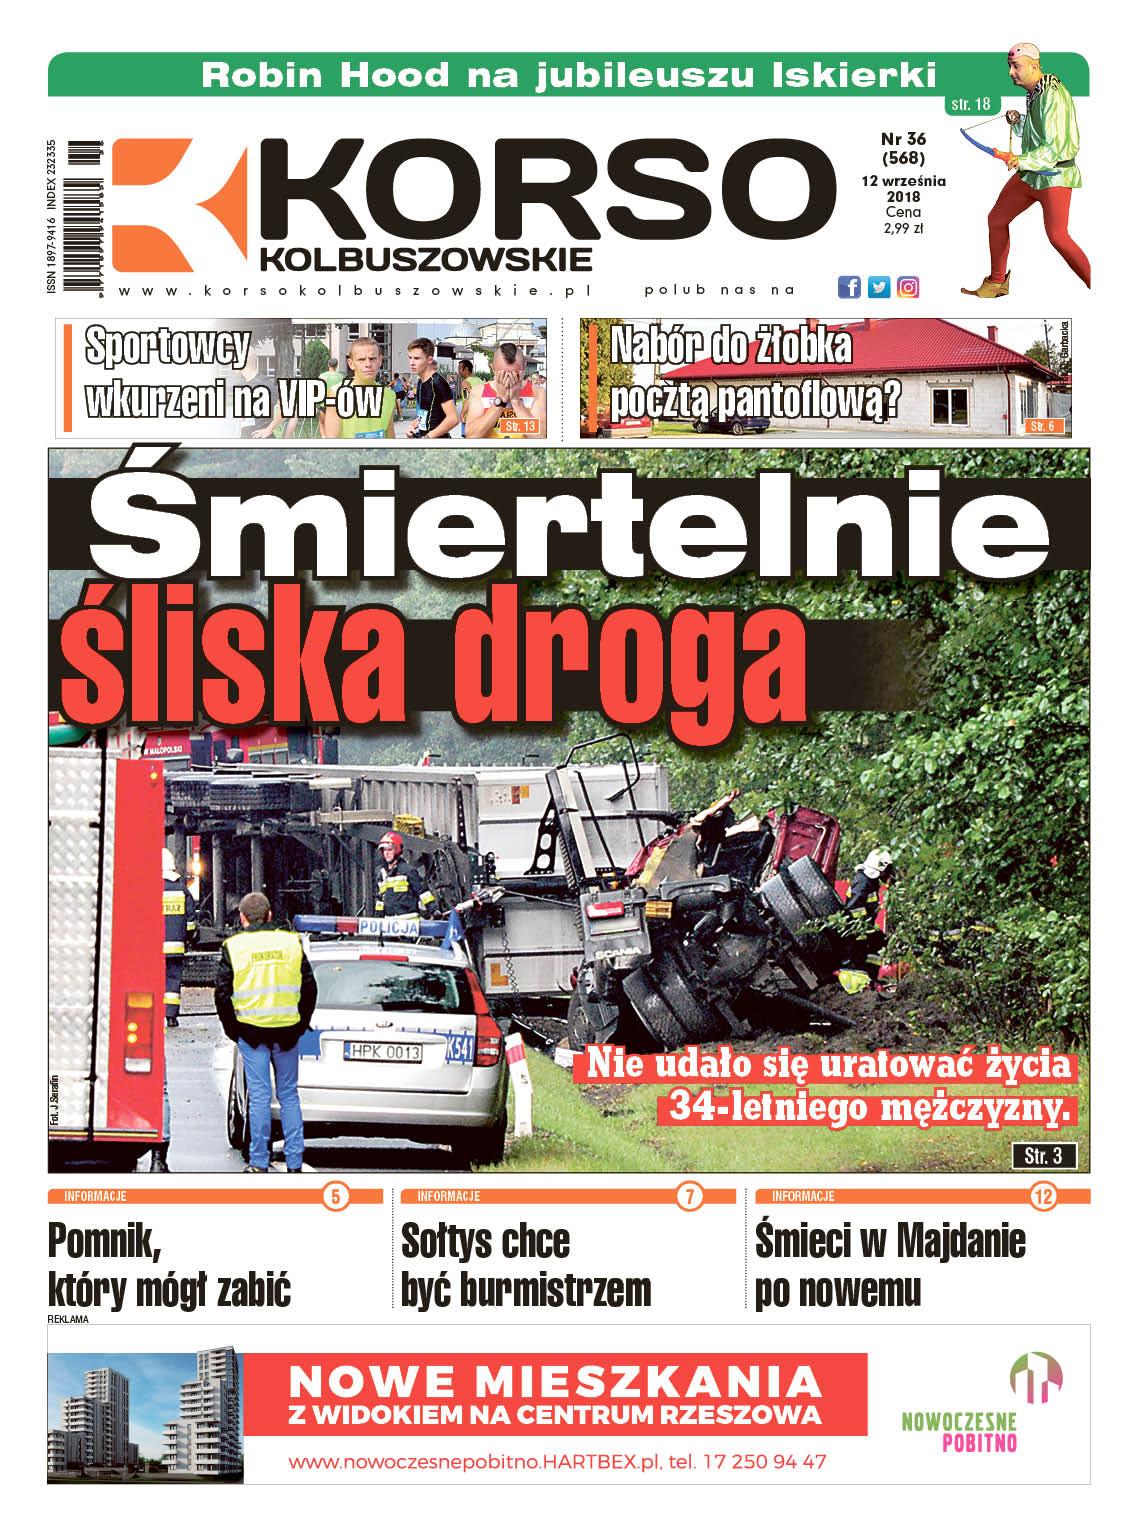 Korso Kolbuszowskie - nr 36/2018 - Zdjęcie główne